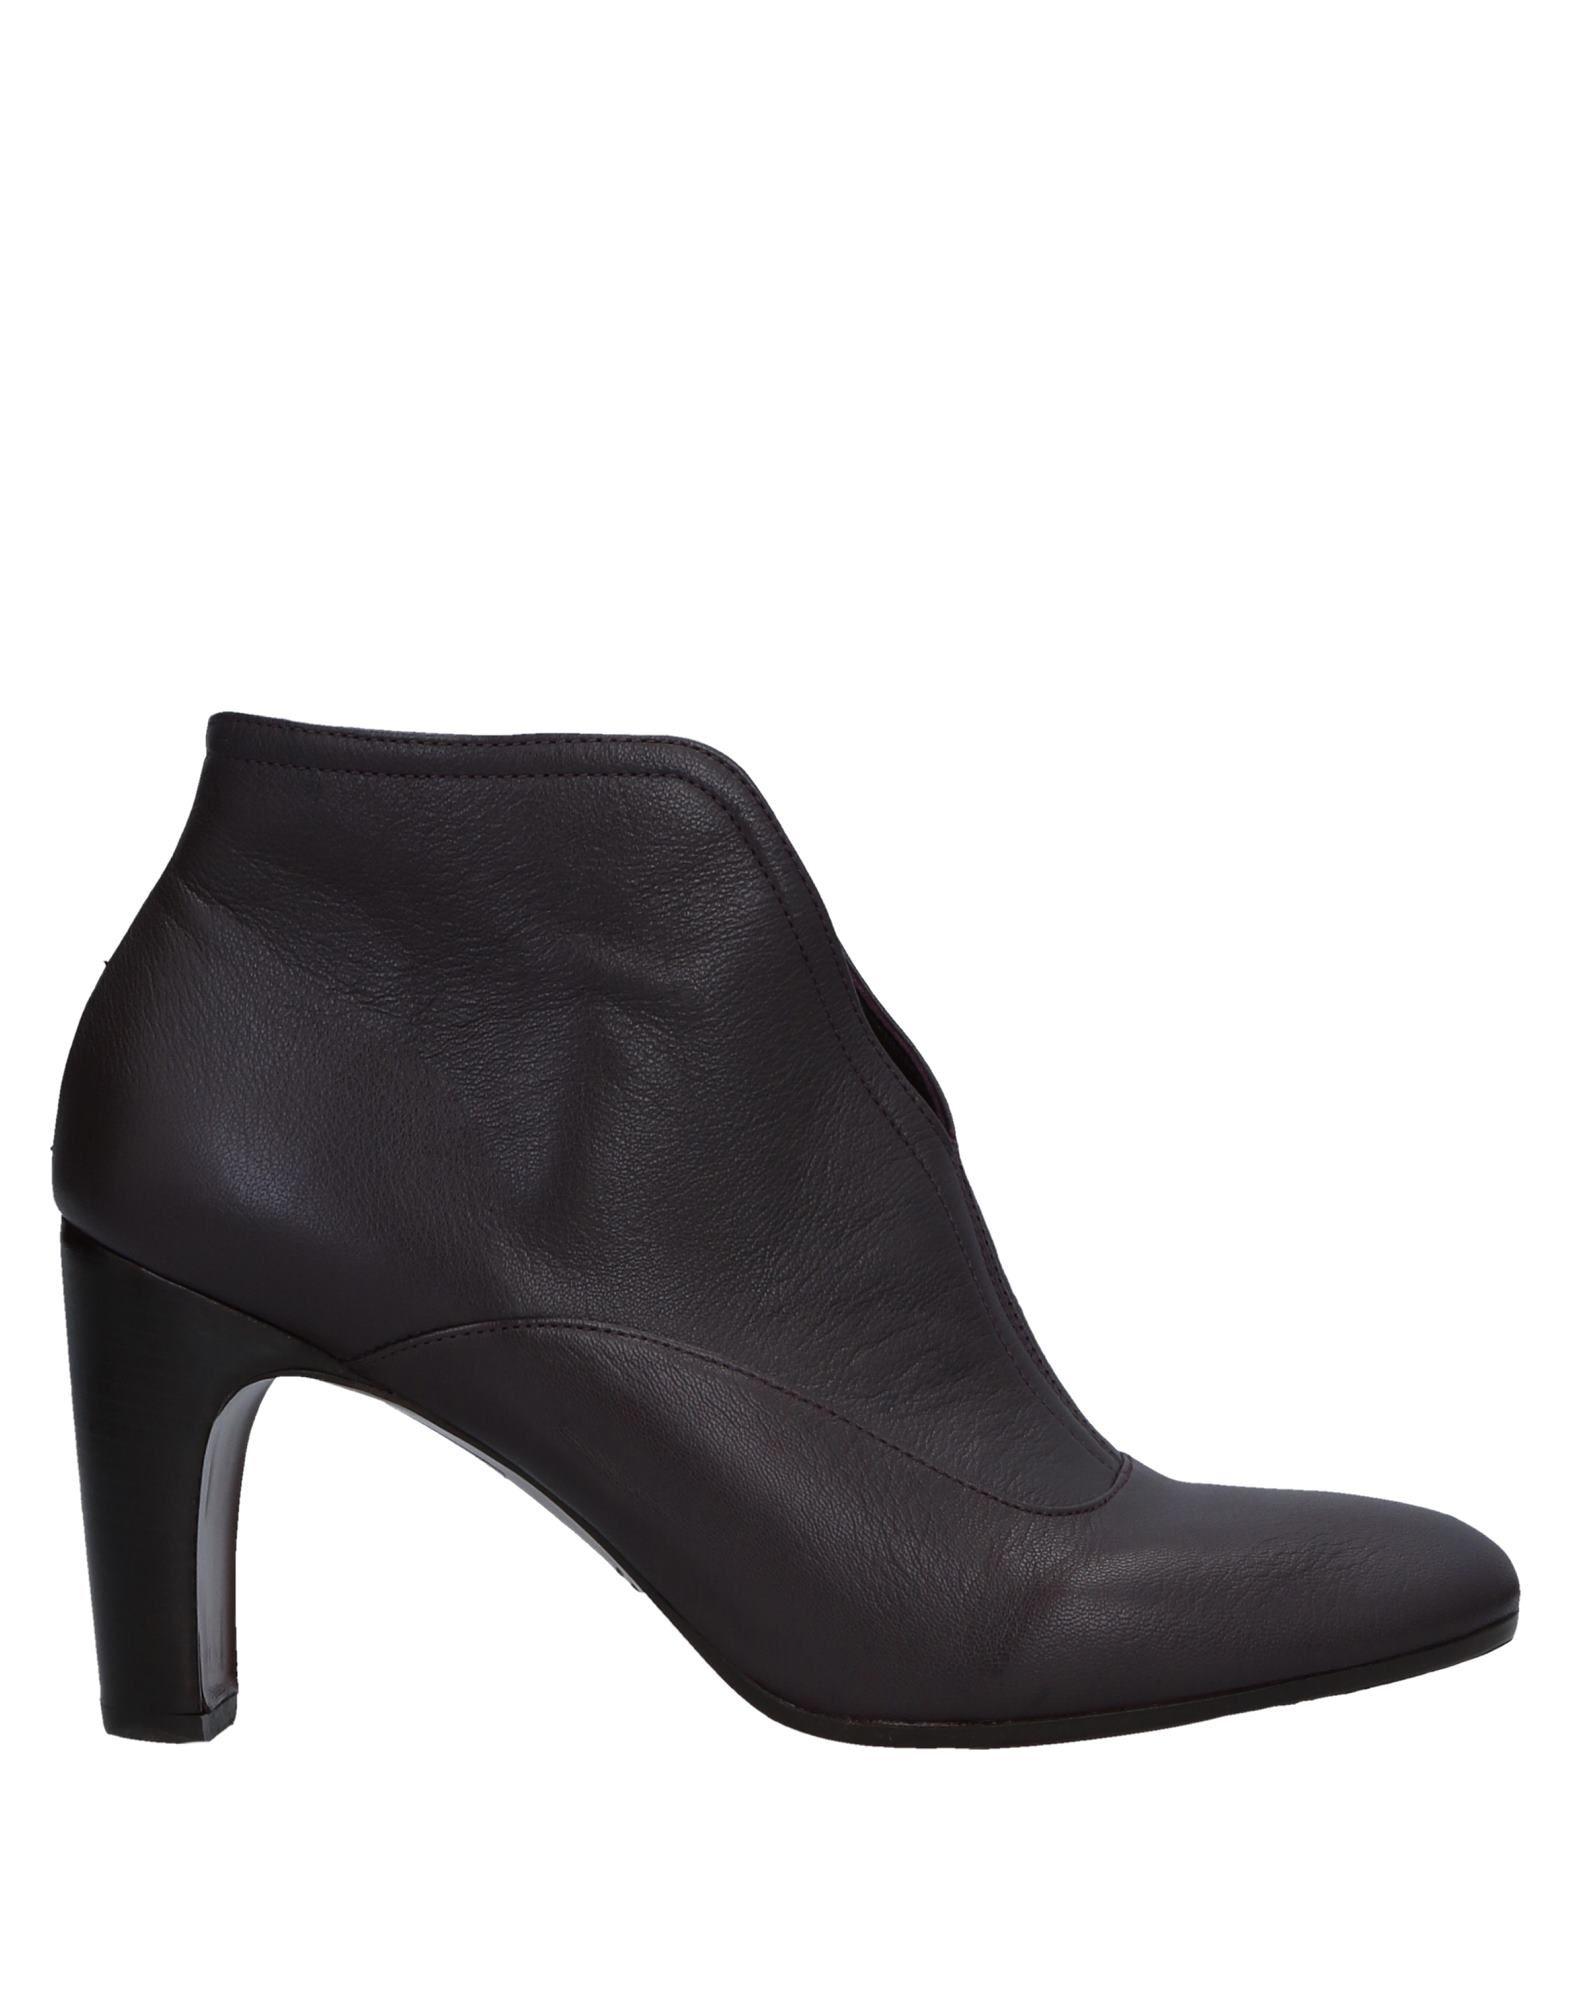 Chie Mihara Stiefelette Damen  11531763GMGut aussehende strapazierfähige Schuhe